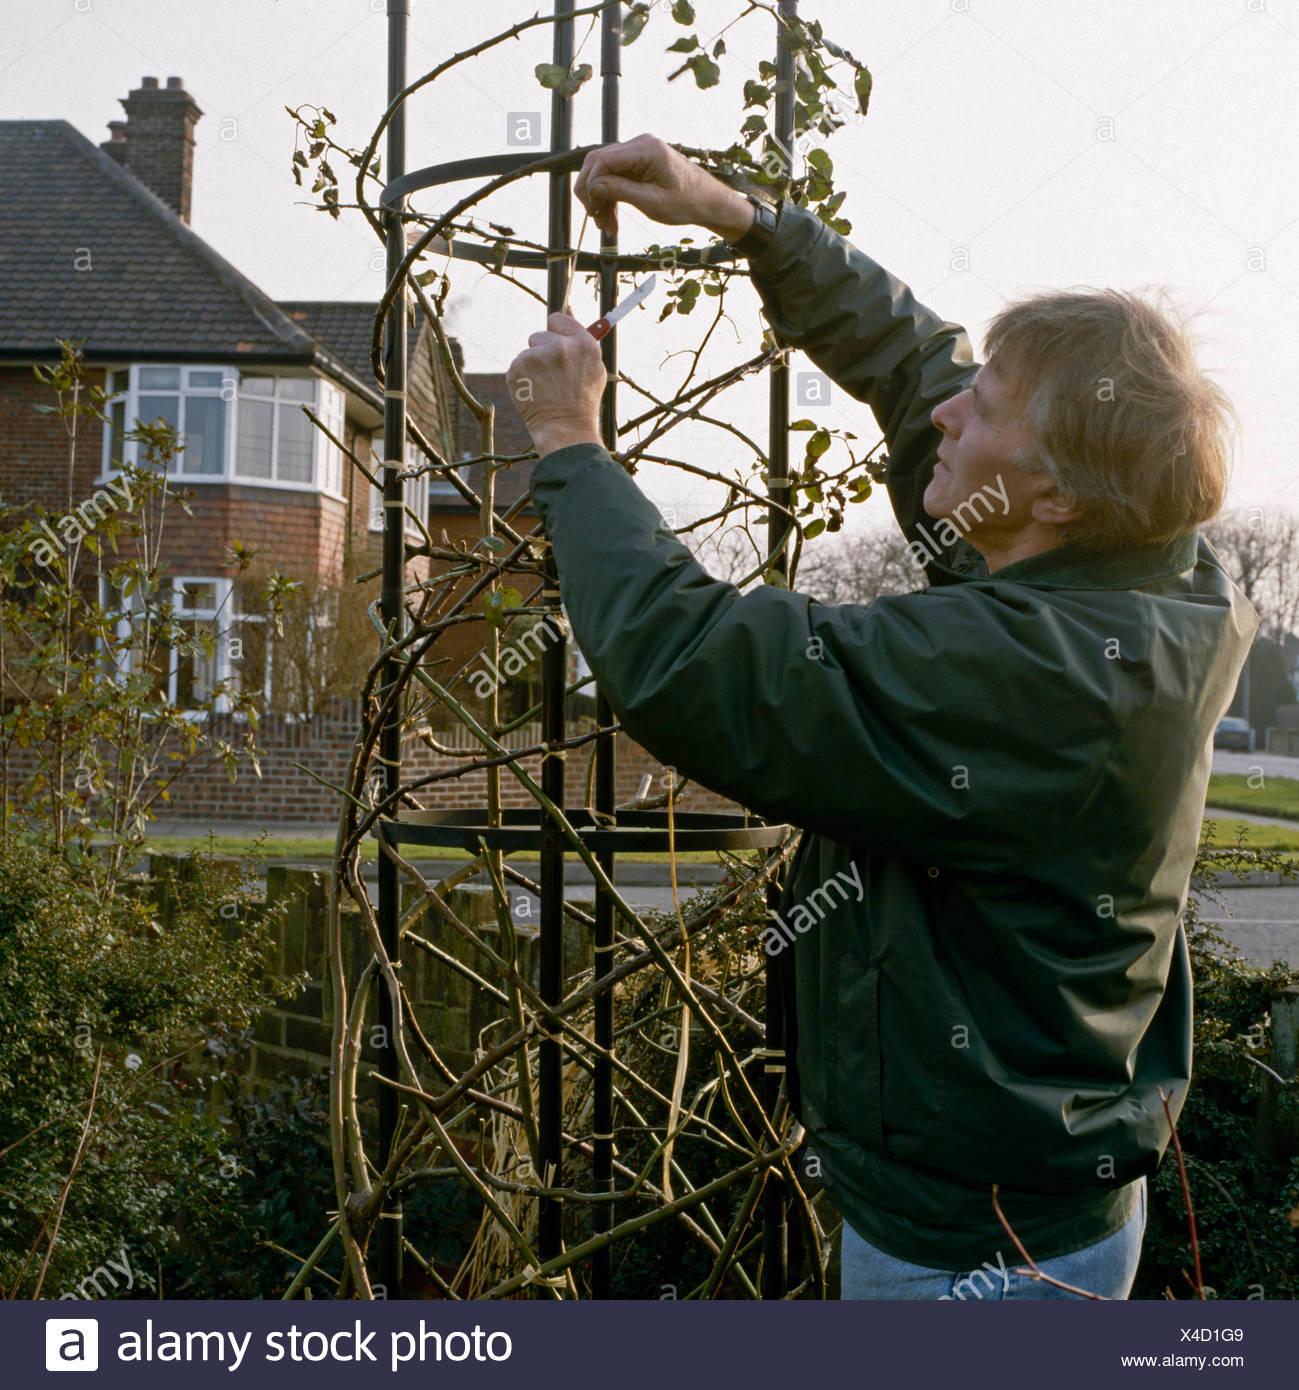 Pruning Climbing Rose Stock Photos Pruning Climbing Rose Stock